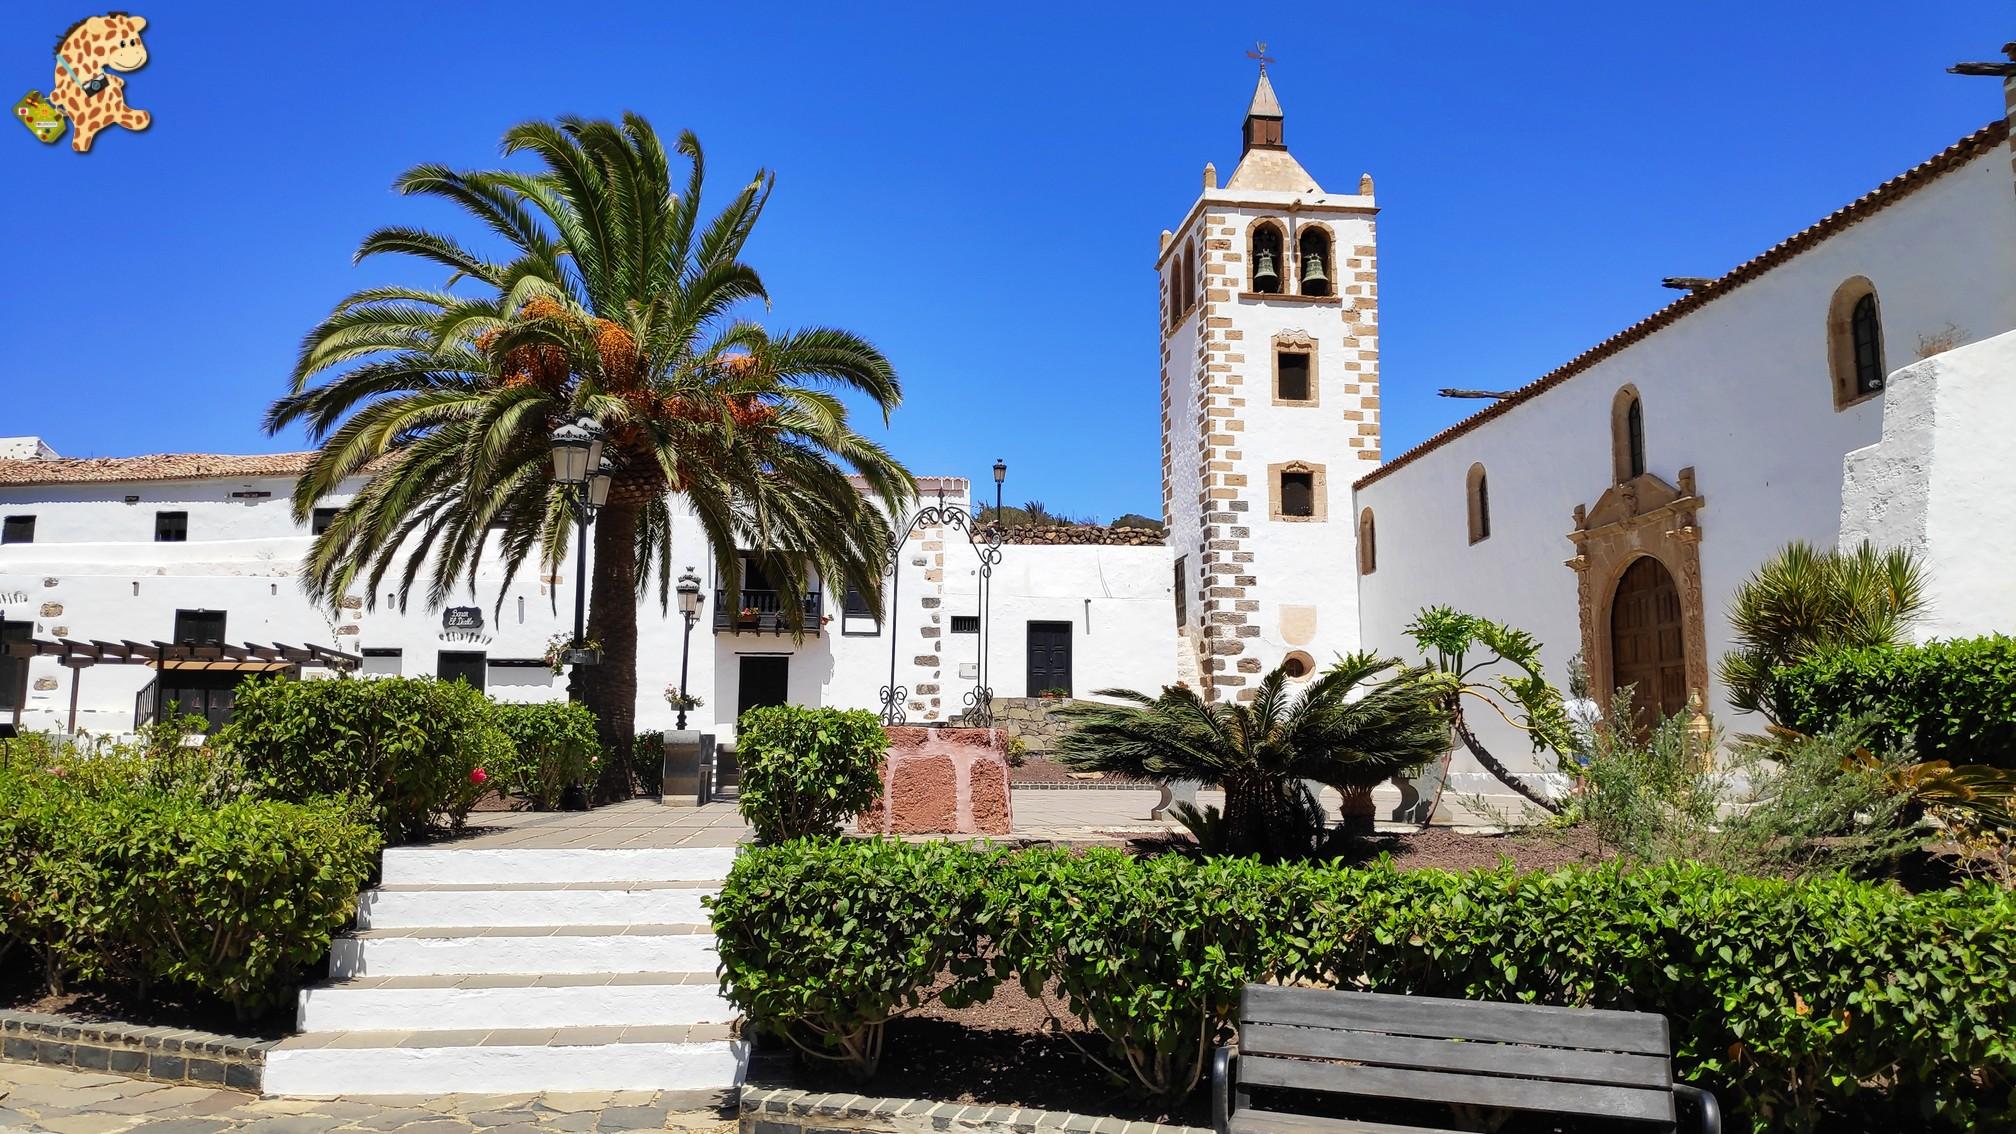 fuerteventura 3 - Fuerteventura desde Lanzarote